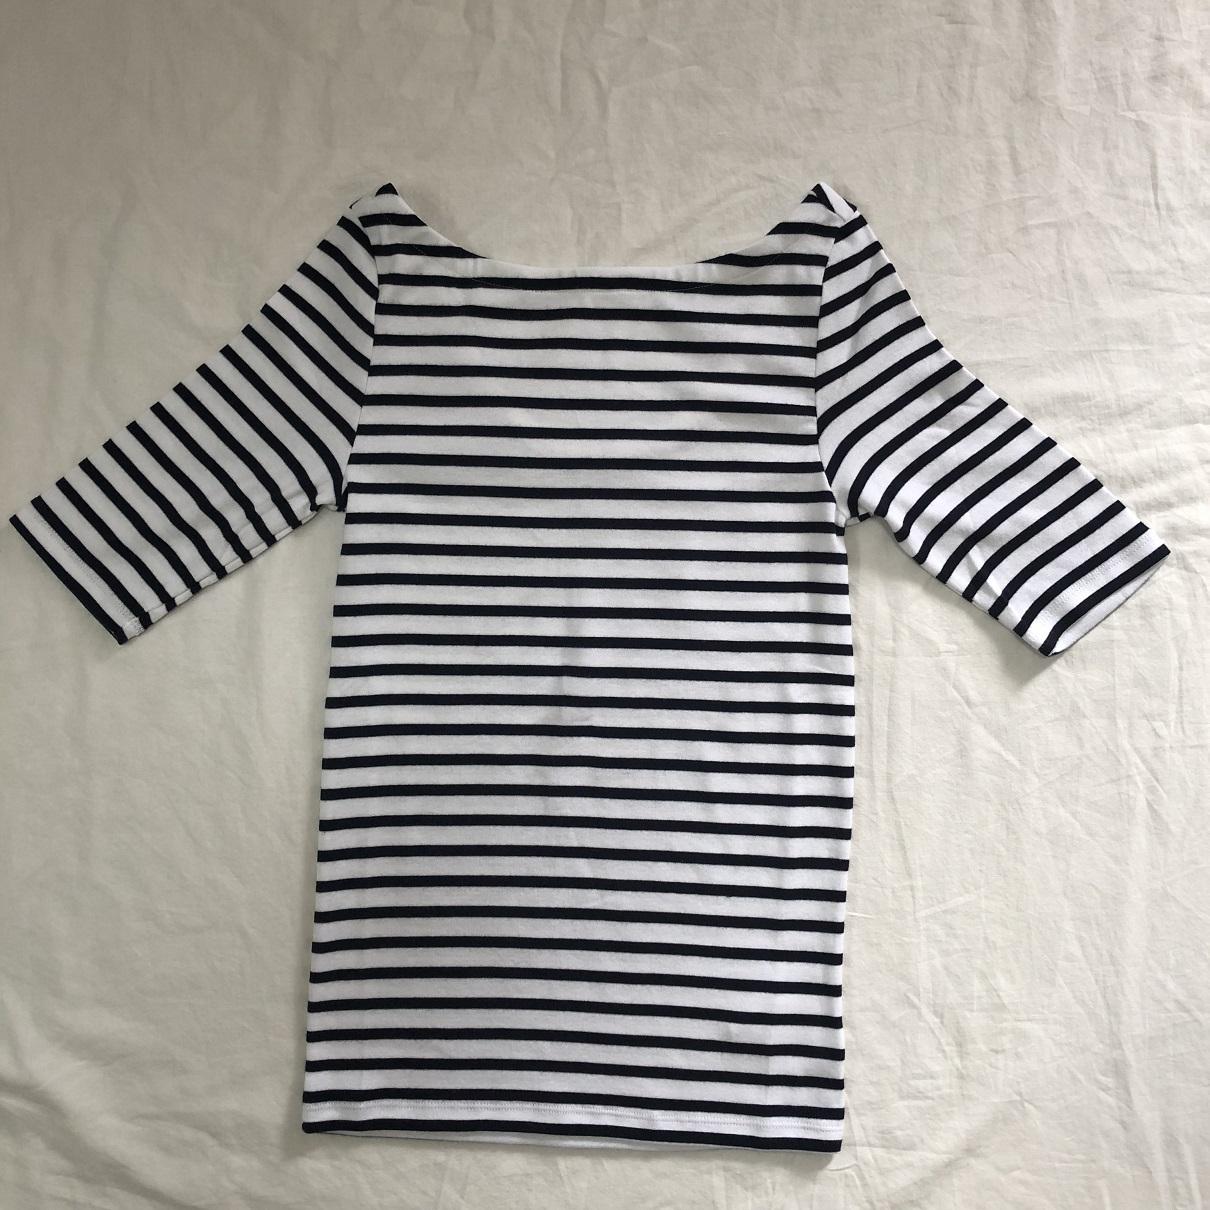 Gapでみつけたシンプルだけど、女っぷりUPなTシャツ_1_2-1